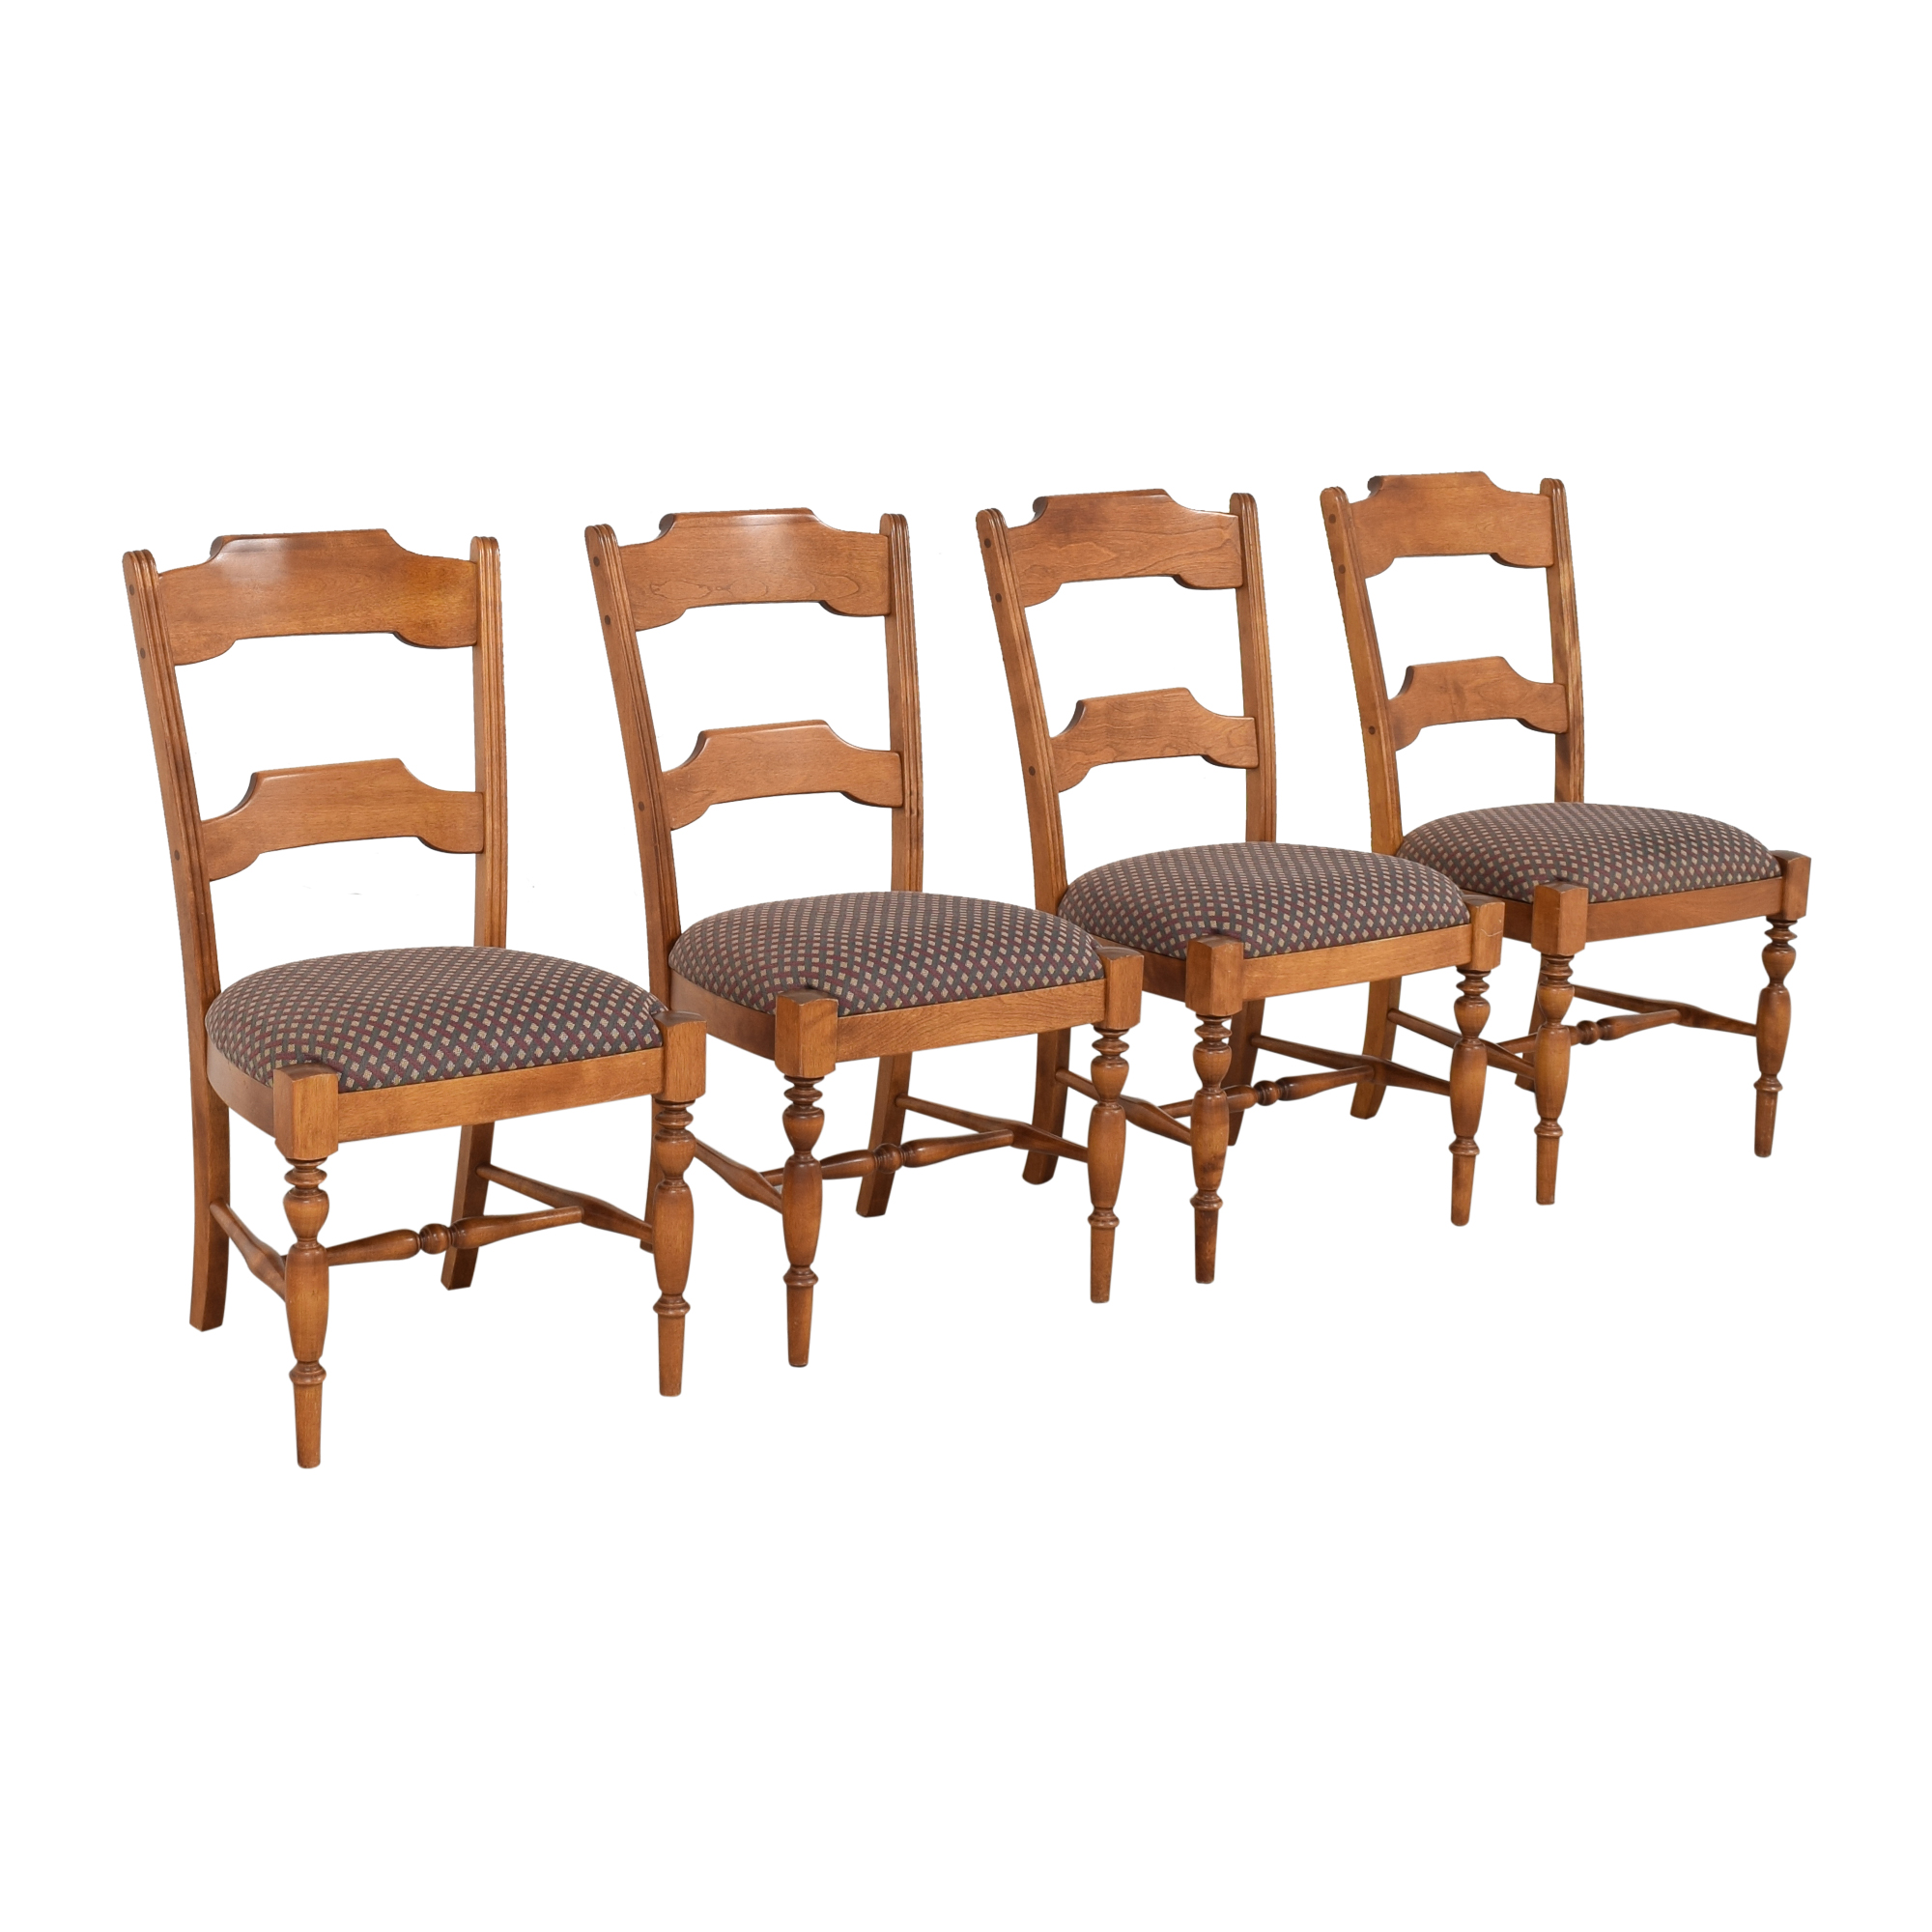 Nichols & Stone Nichols & Stone Upholstered Dining Chairs pa